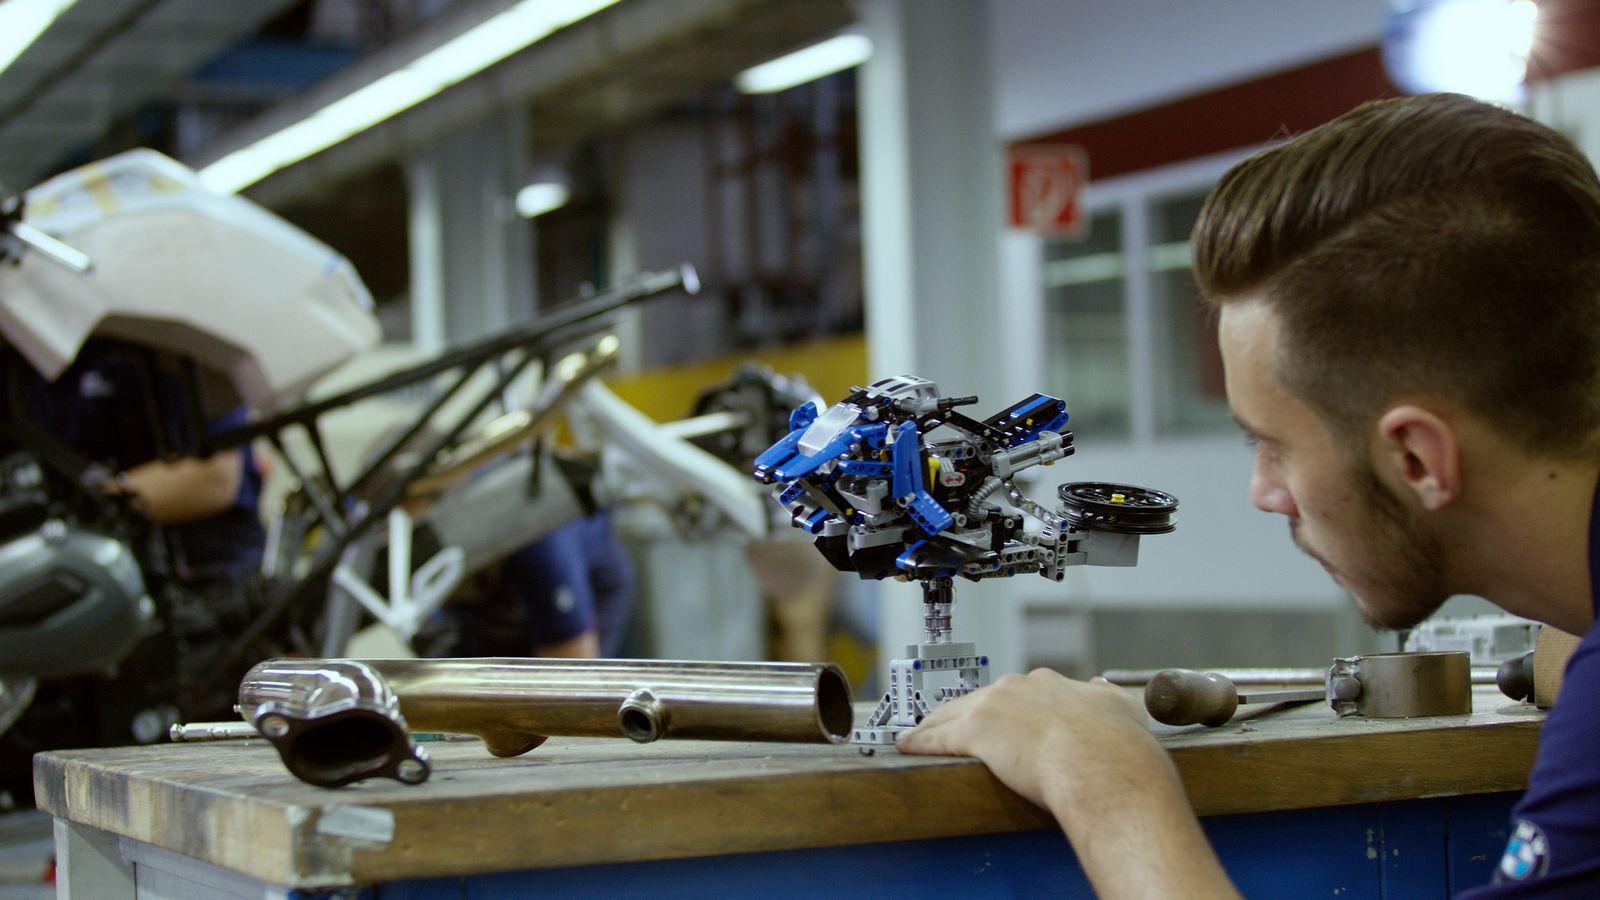 موتور پروازی بیامو با الهام از یک لگوی اسباببازی